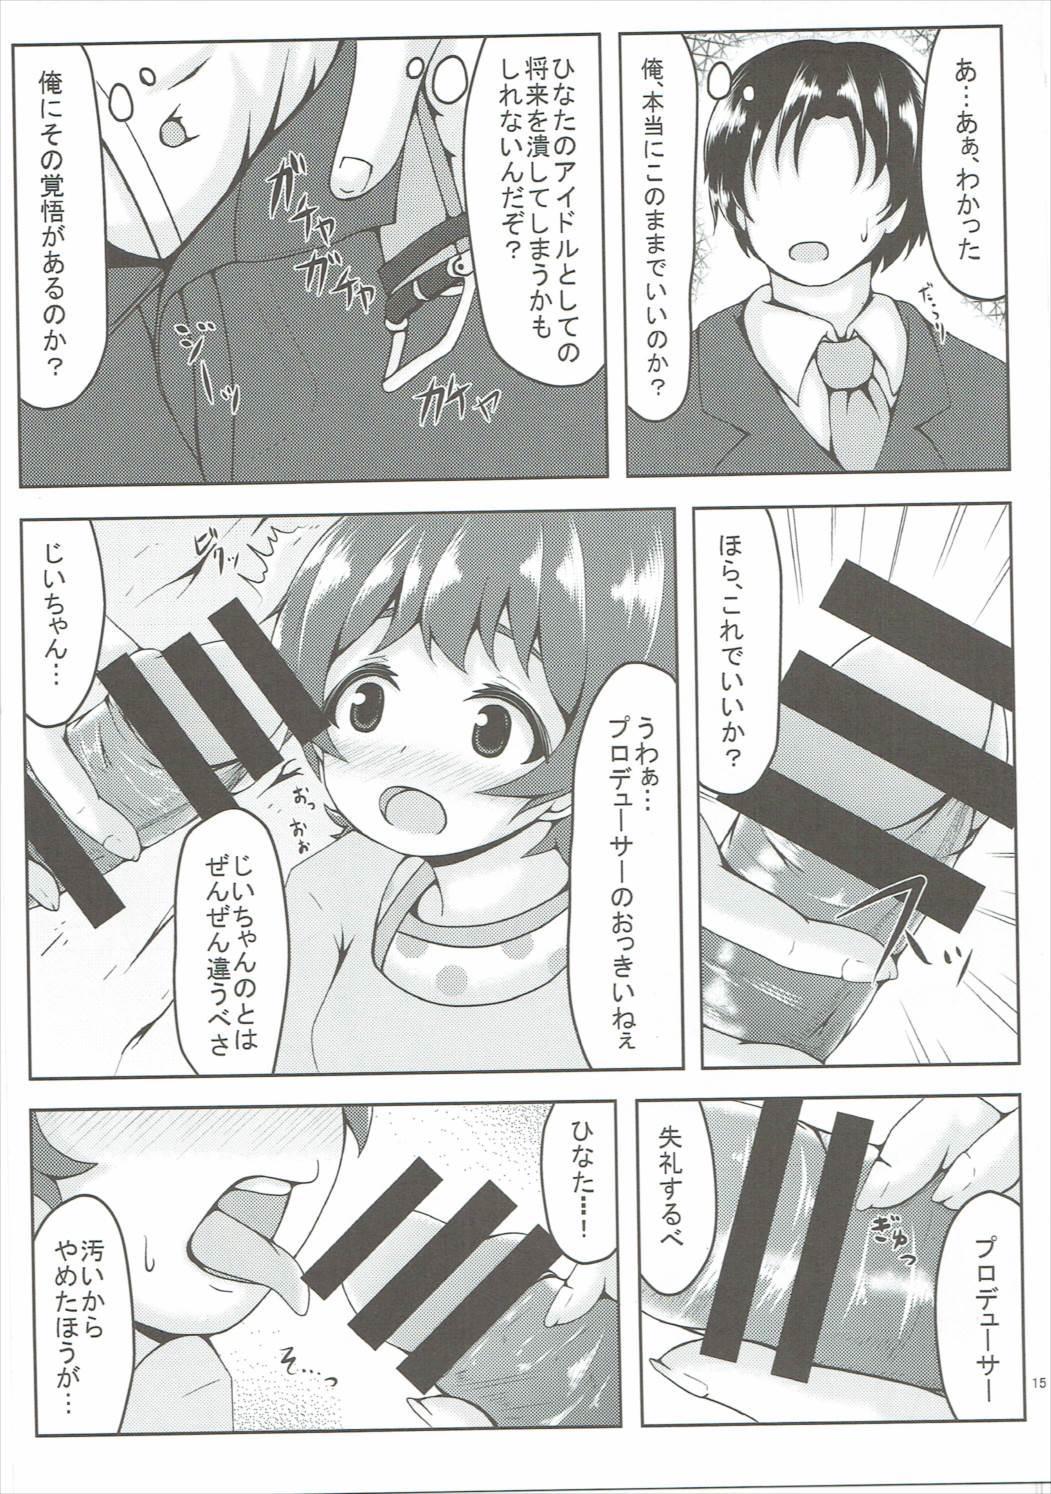 Koi Suru Taiyou no Hana 13